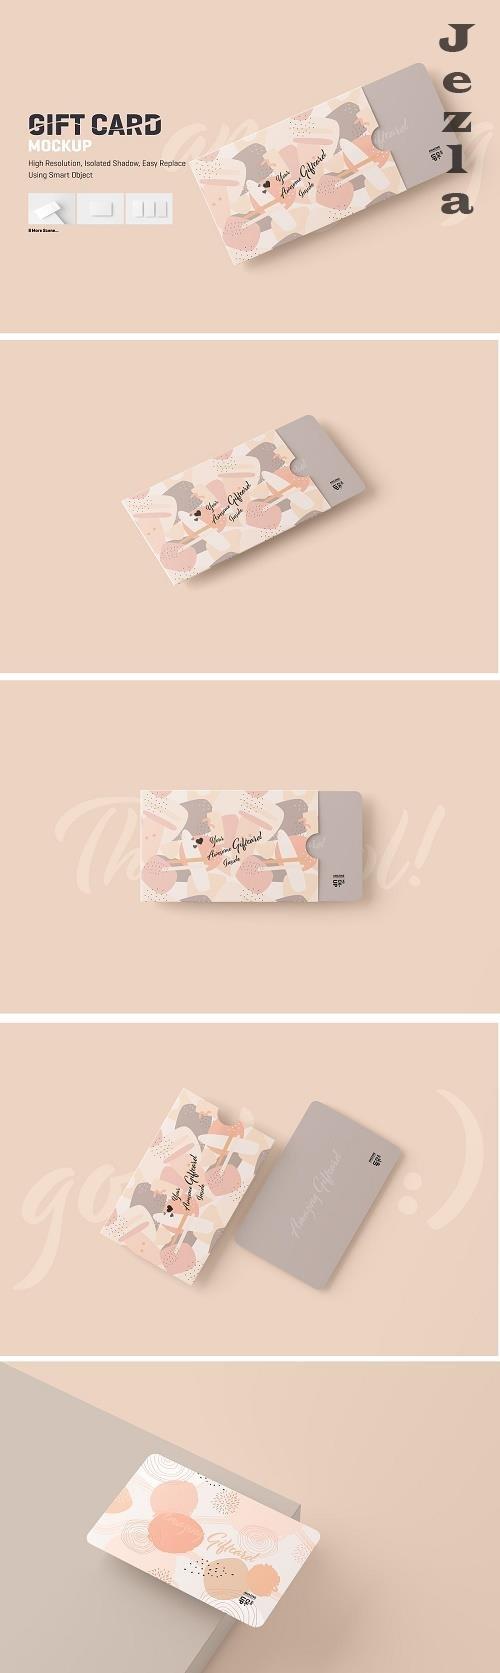 CreativeMarket - Gift Card Mockup 5752504